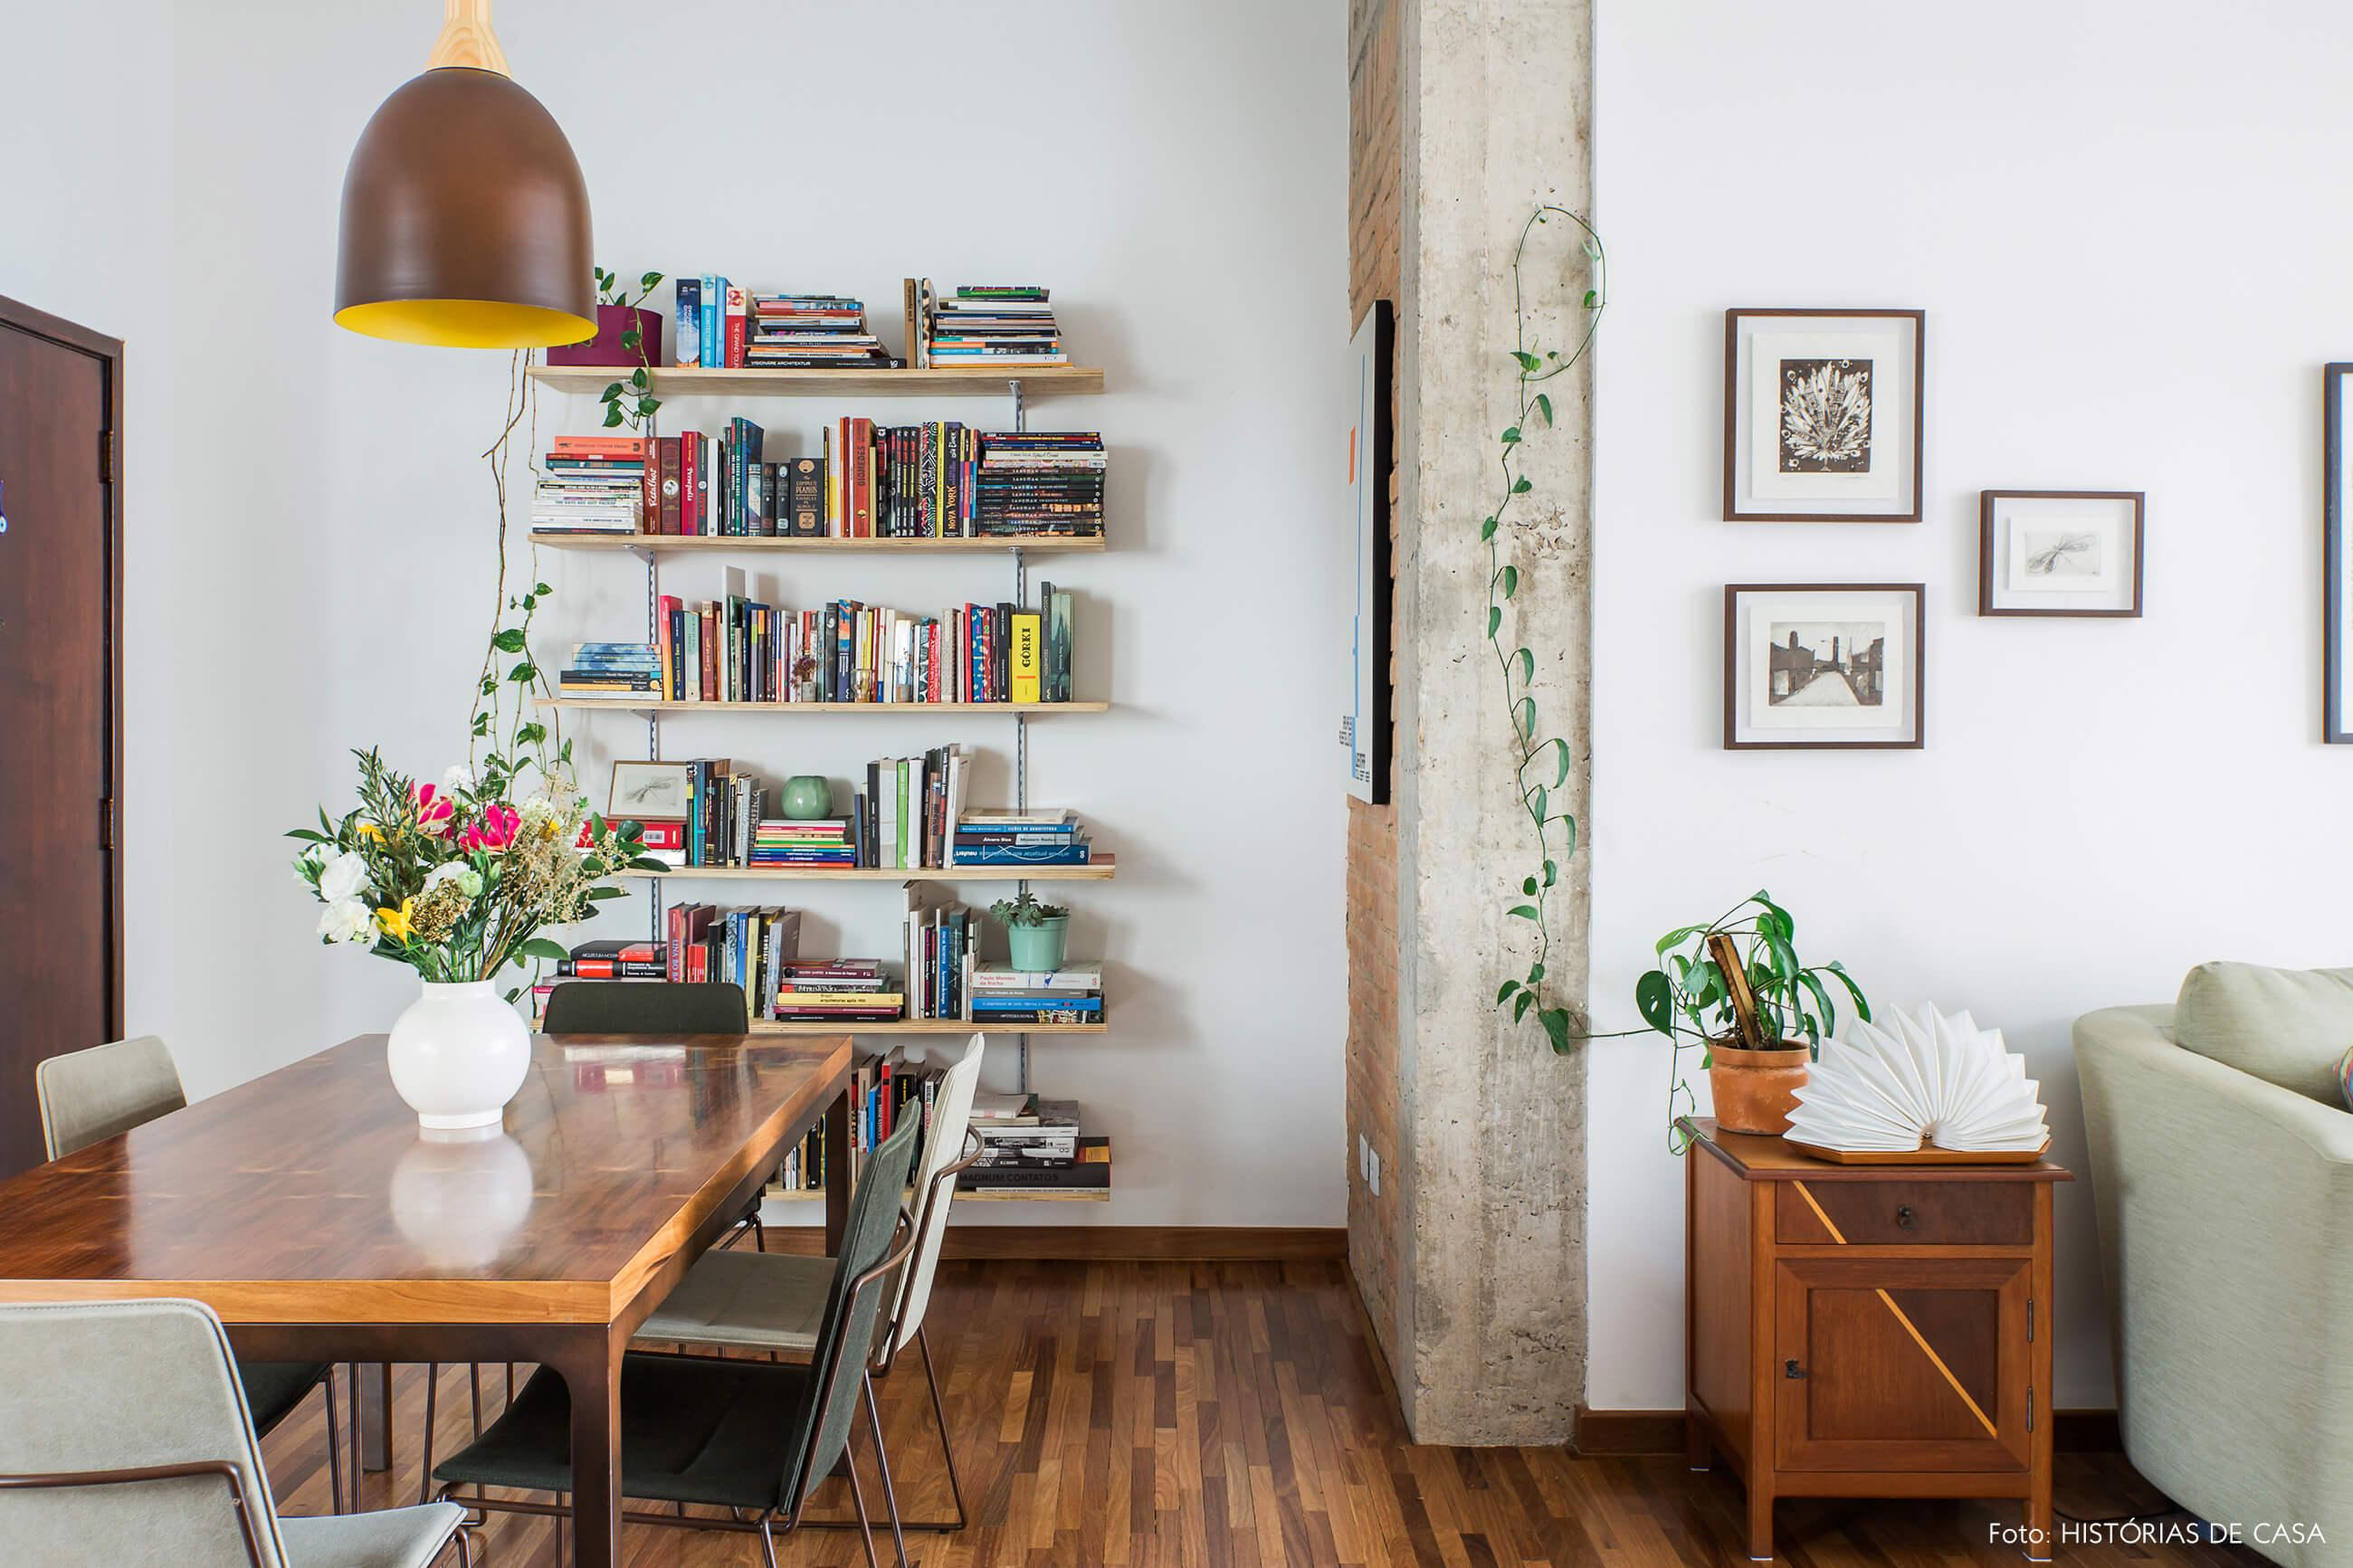 Apartamento reformado com estante de trilho e pilares de concreto